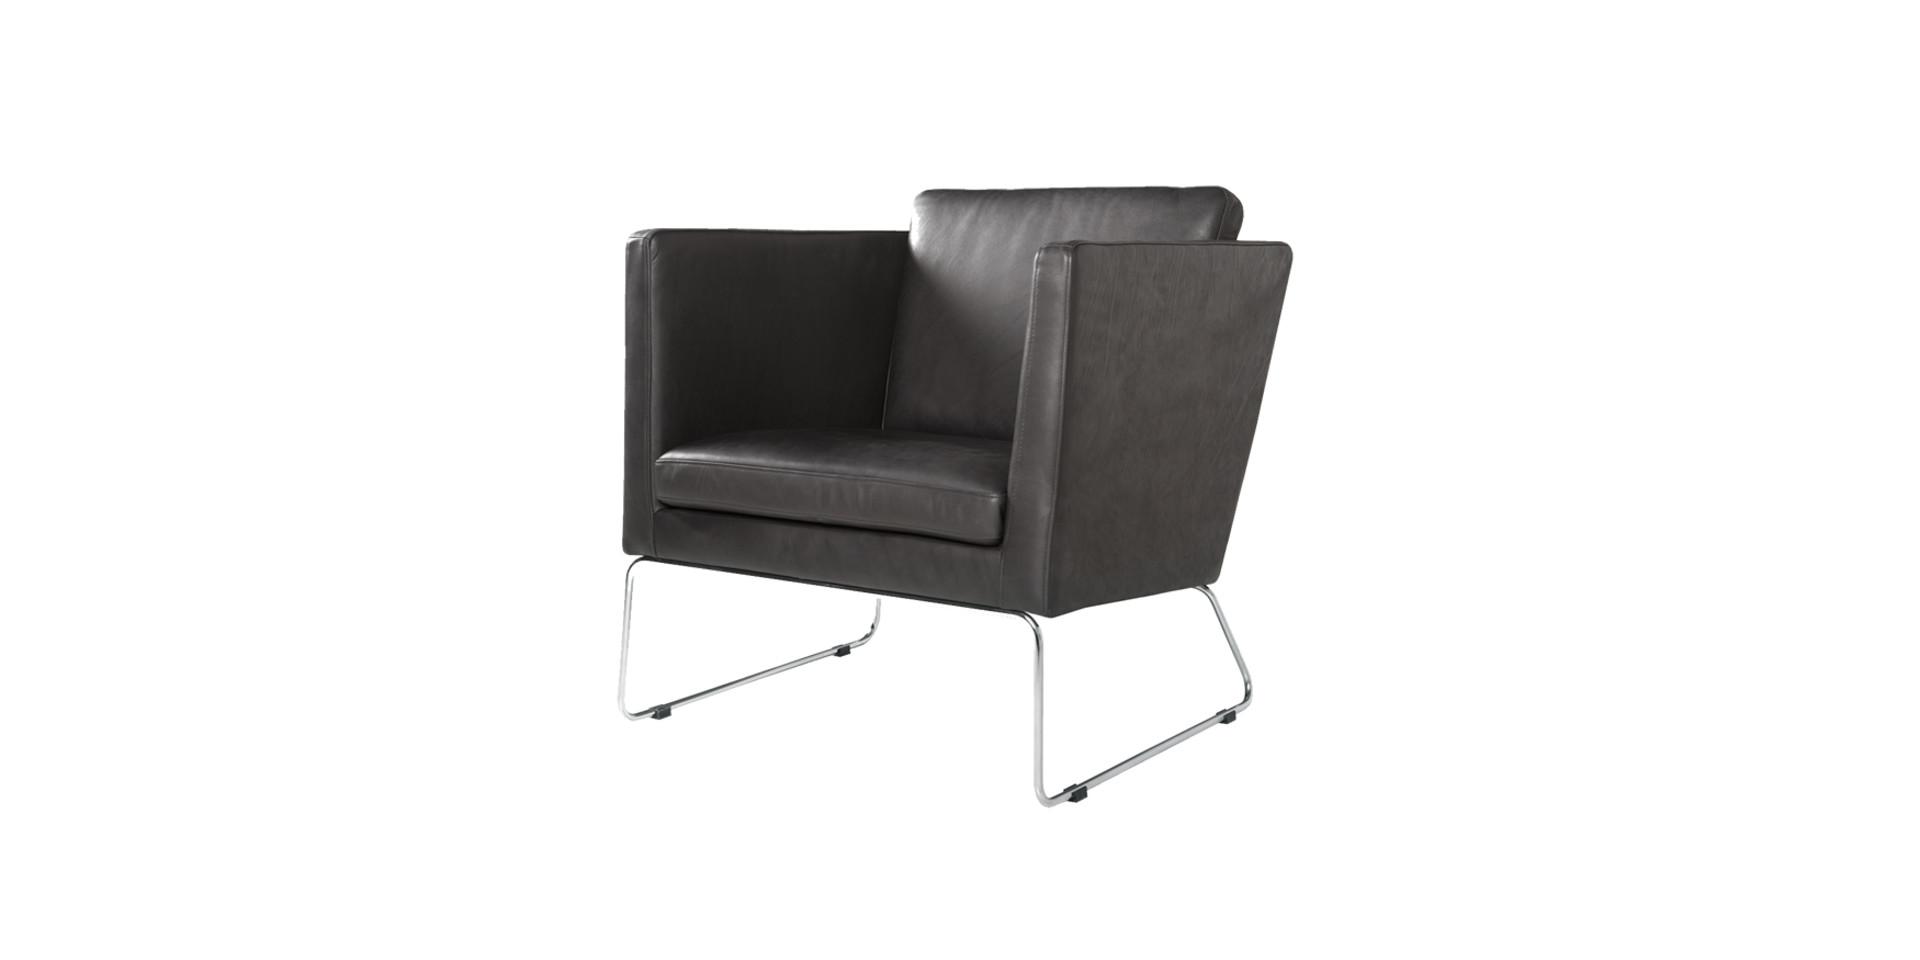 sits-clark-fauteuil-armchair_matrix_black_4